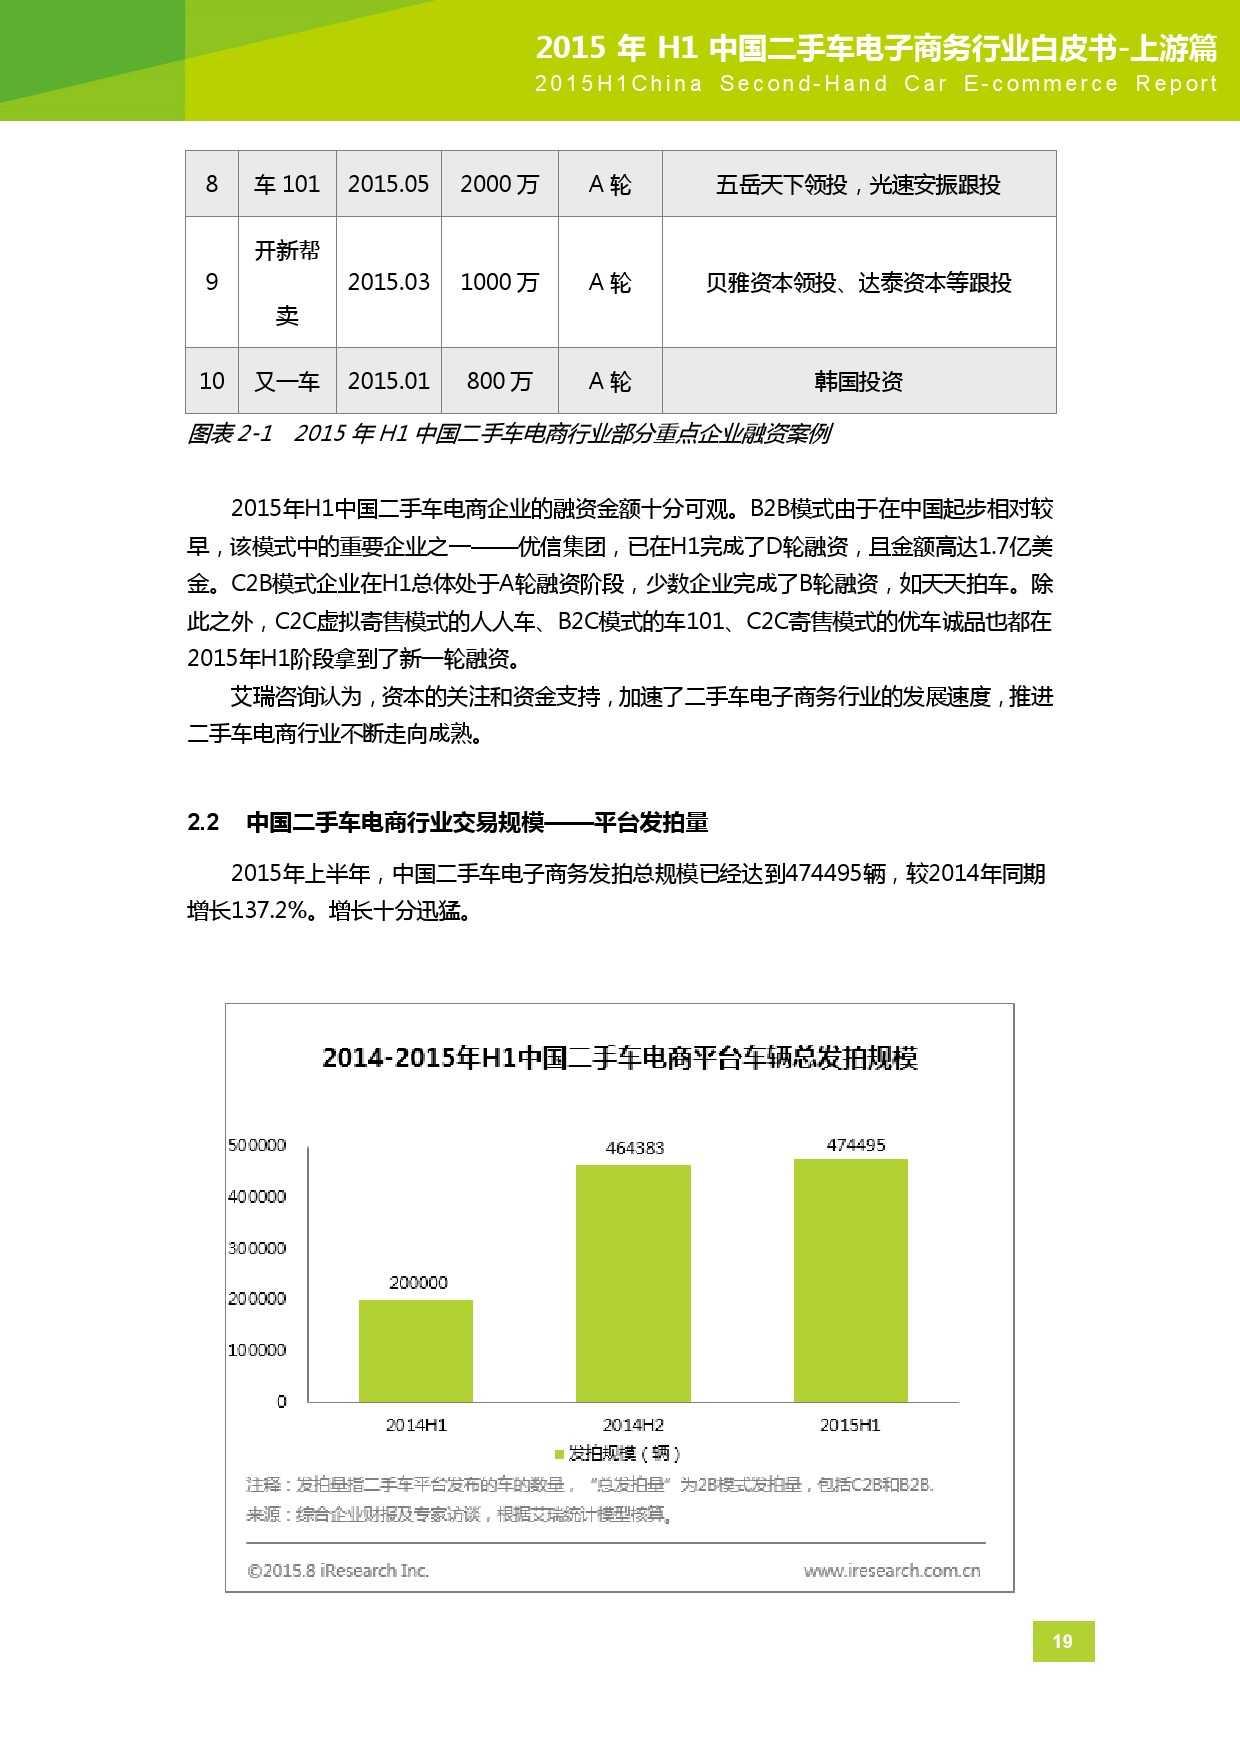 2015年中国二手车电子商务行业白皮书-上游篇_000020